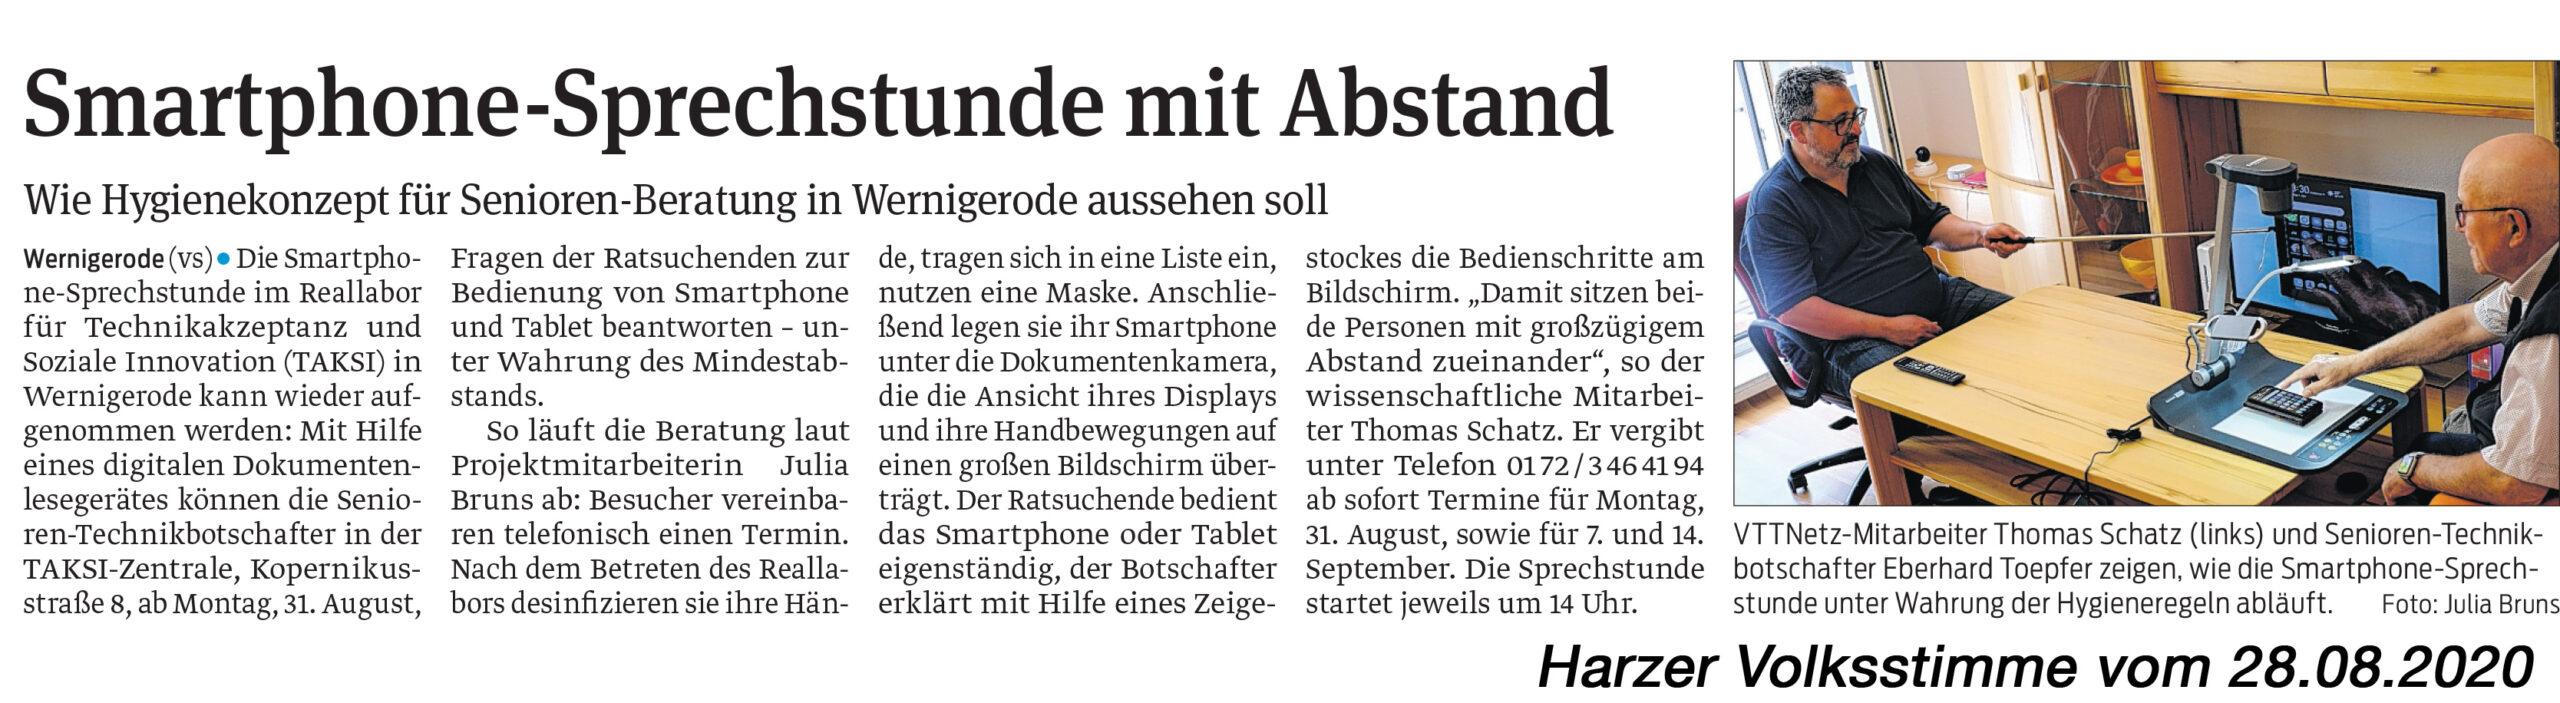 Ankündigung der Smartphone-Sprechstunde in der Harzer Volksstimme vom 28.08.2020